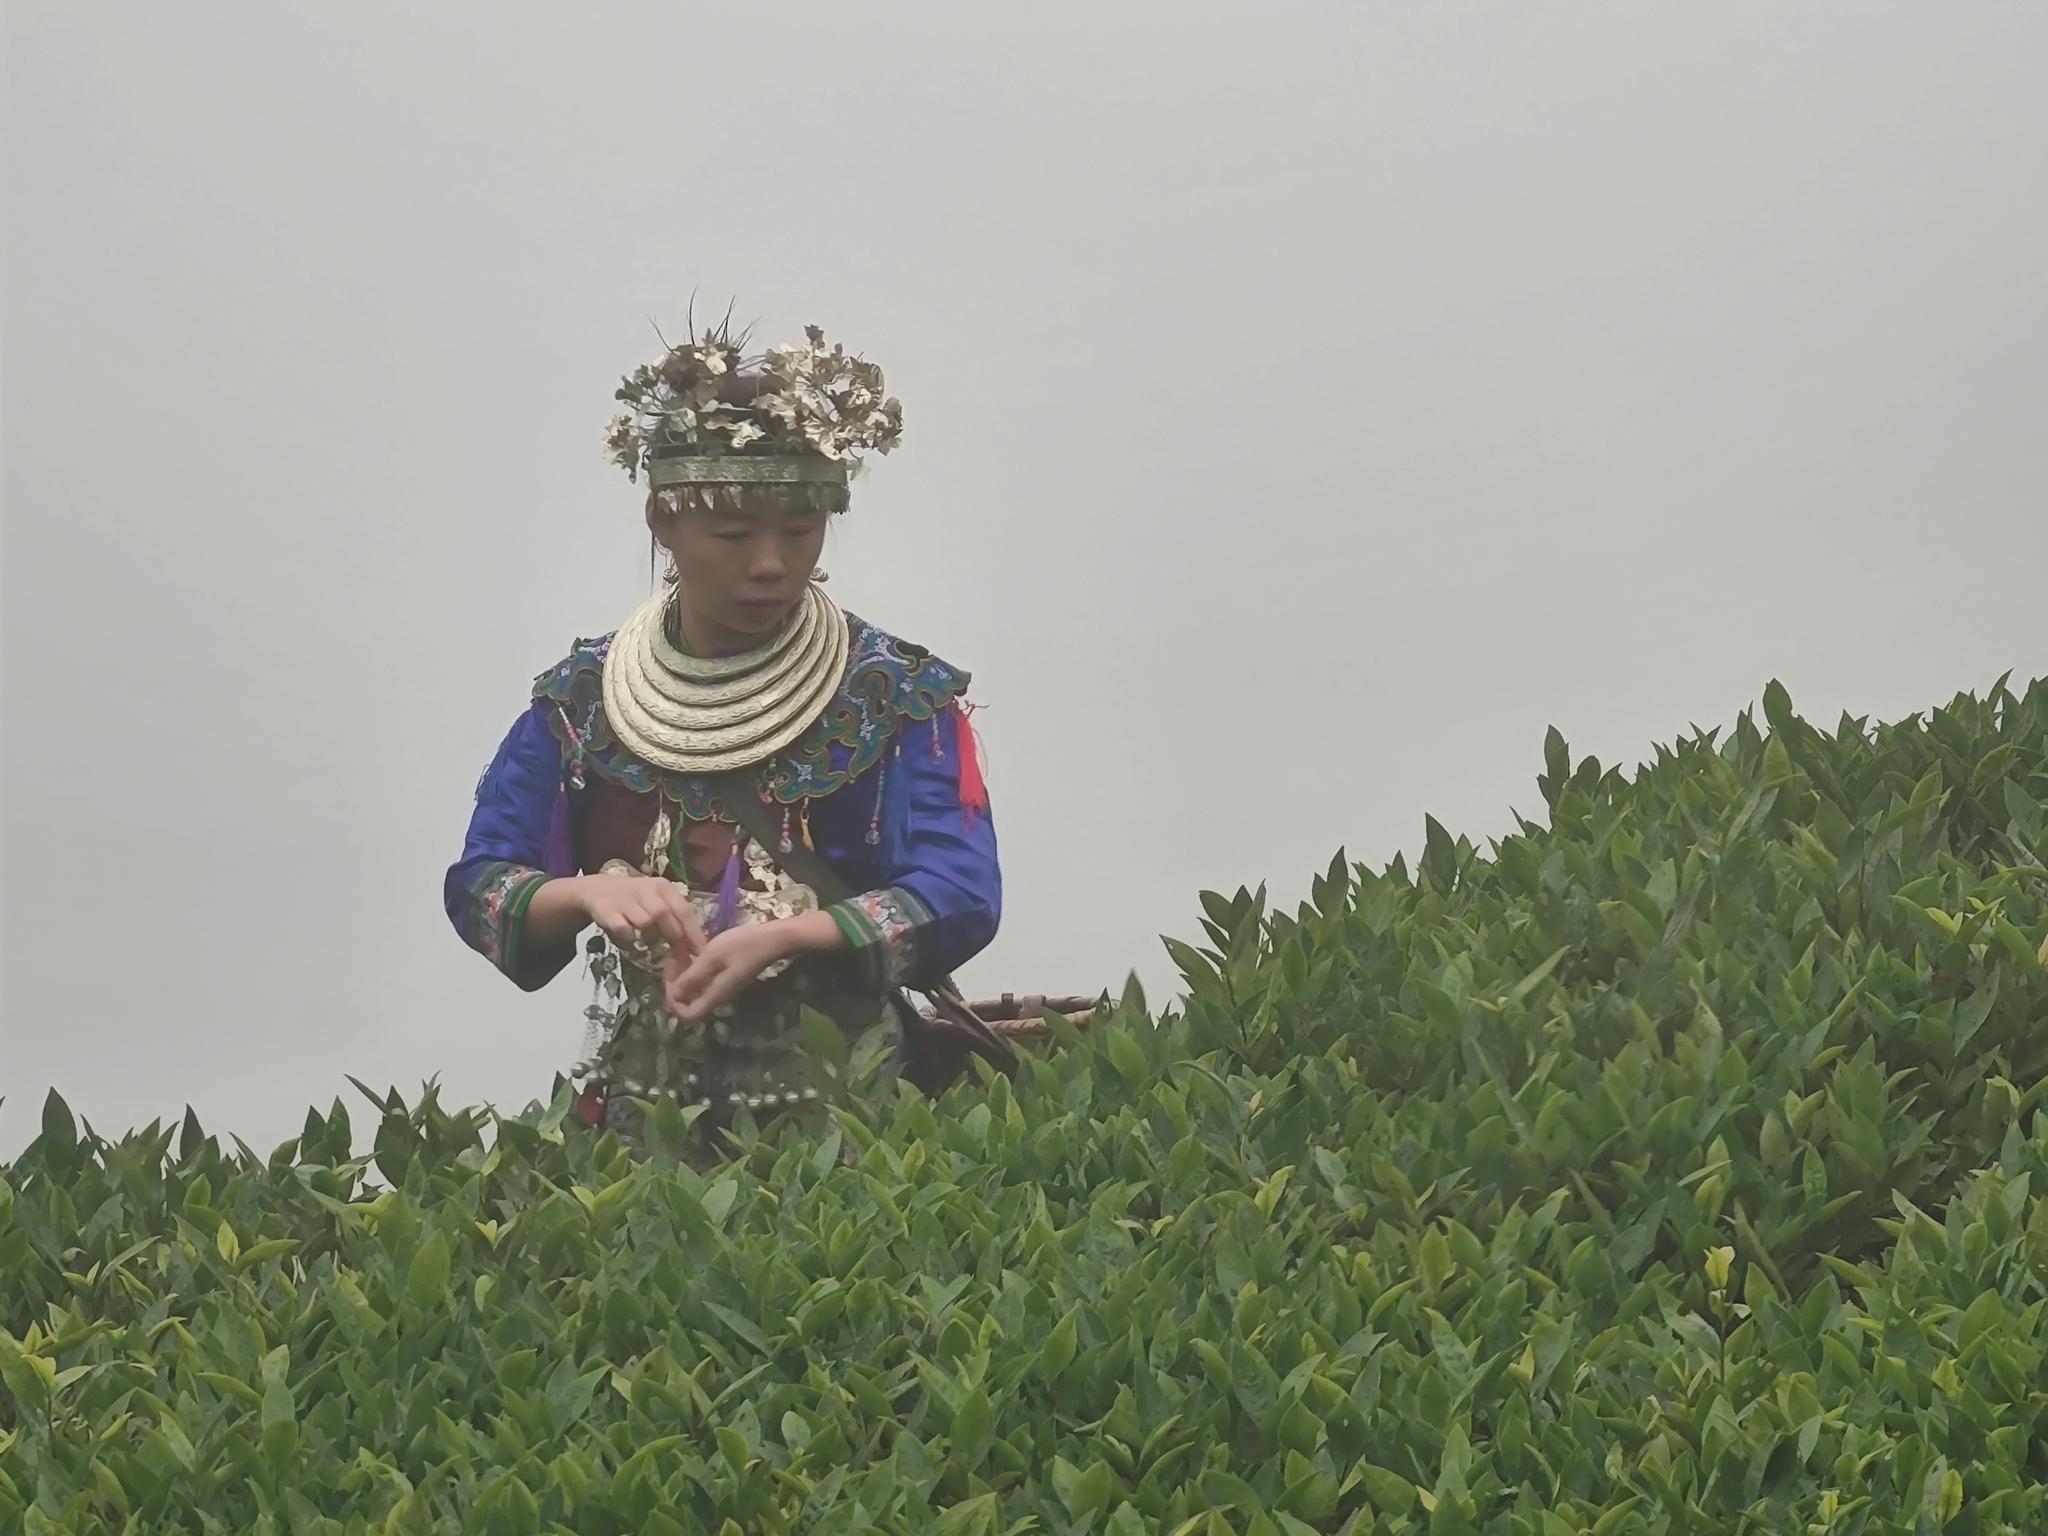 这里是共和国大将粟裕的故乡,这里是中国茶乡,这里是侗族